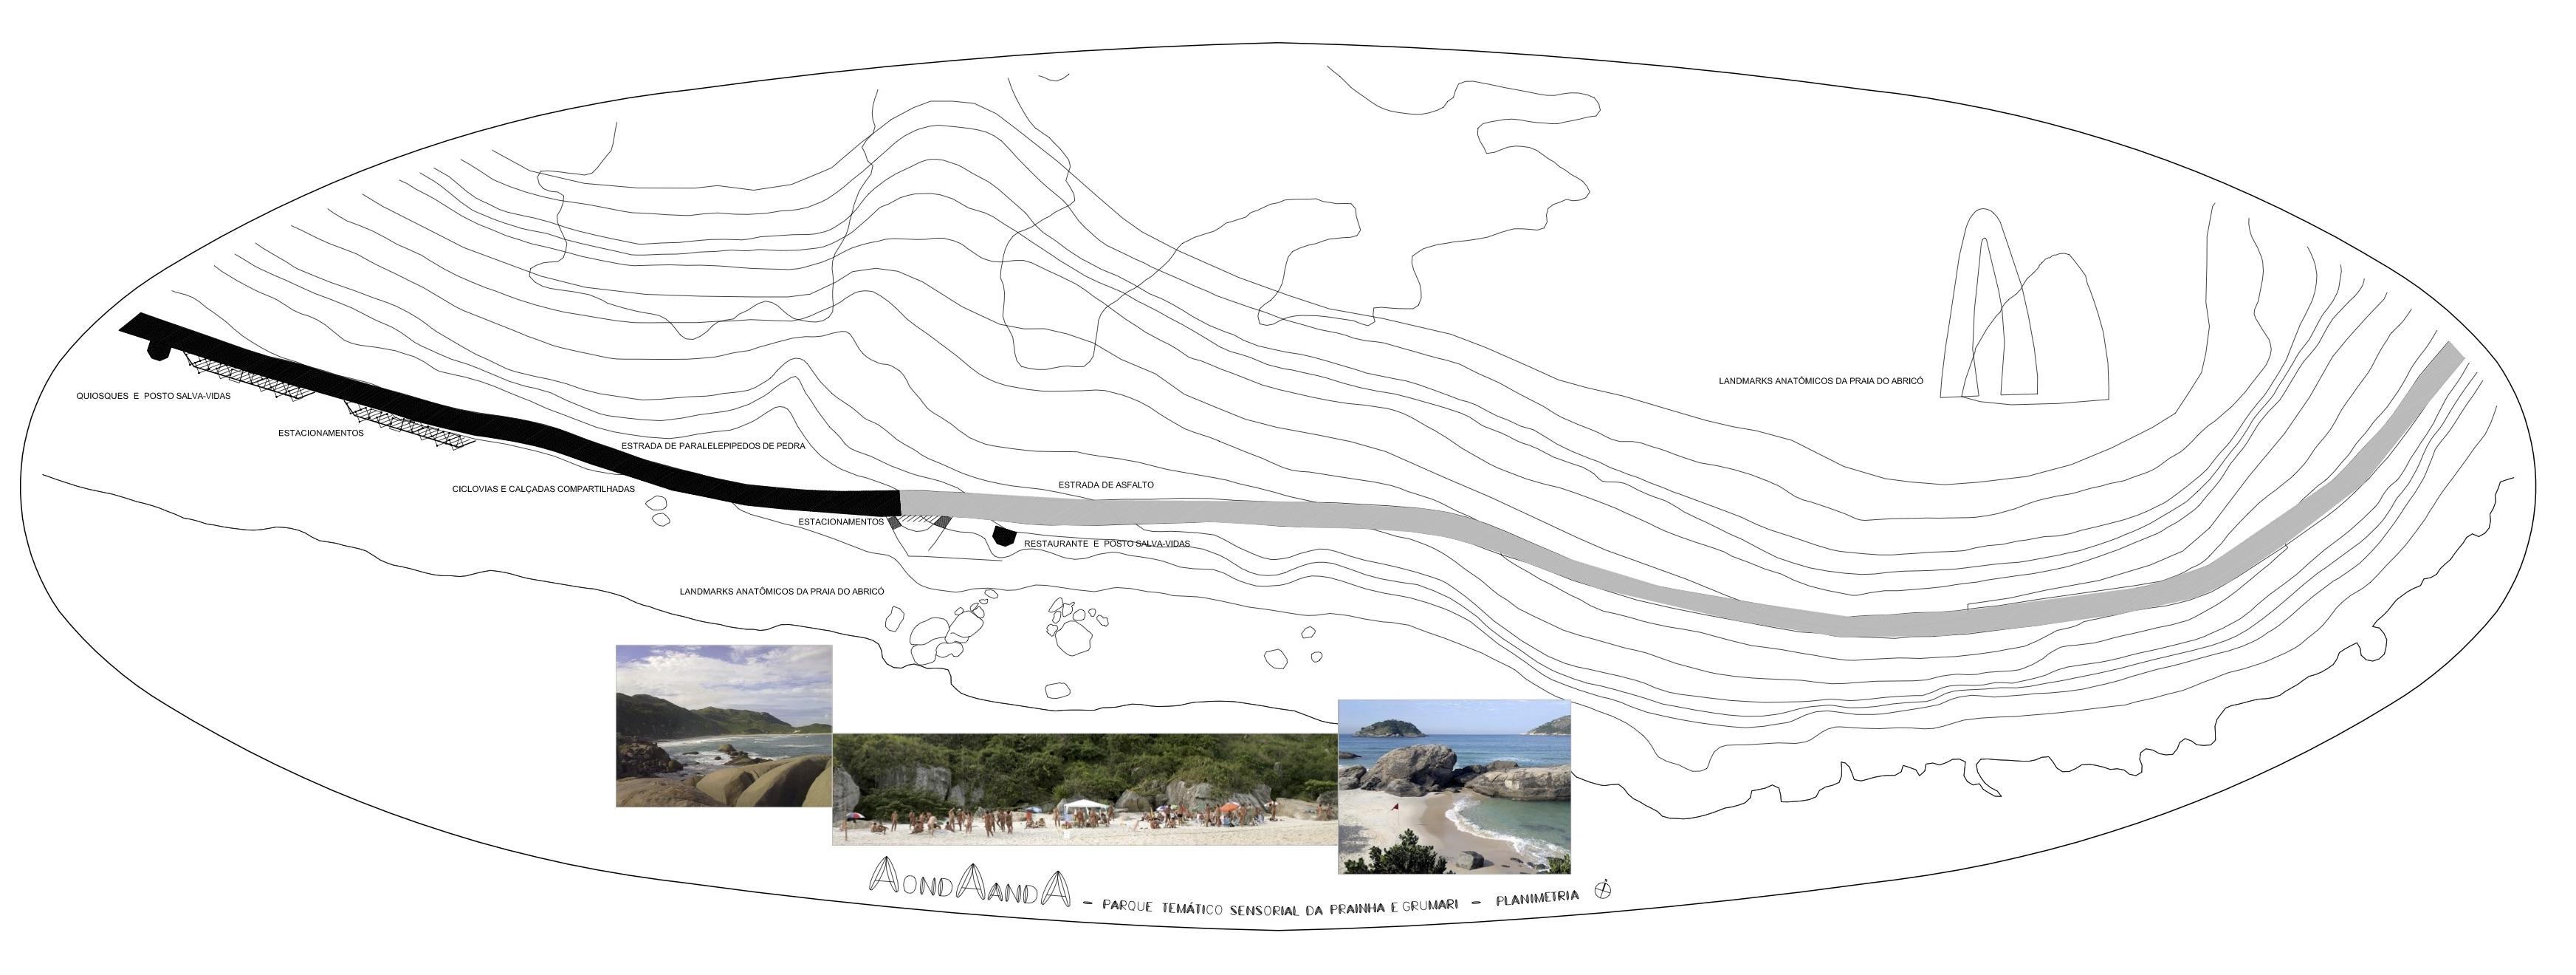 Sensorial park Abrico beach